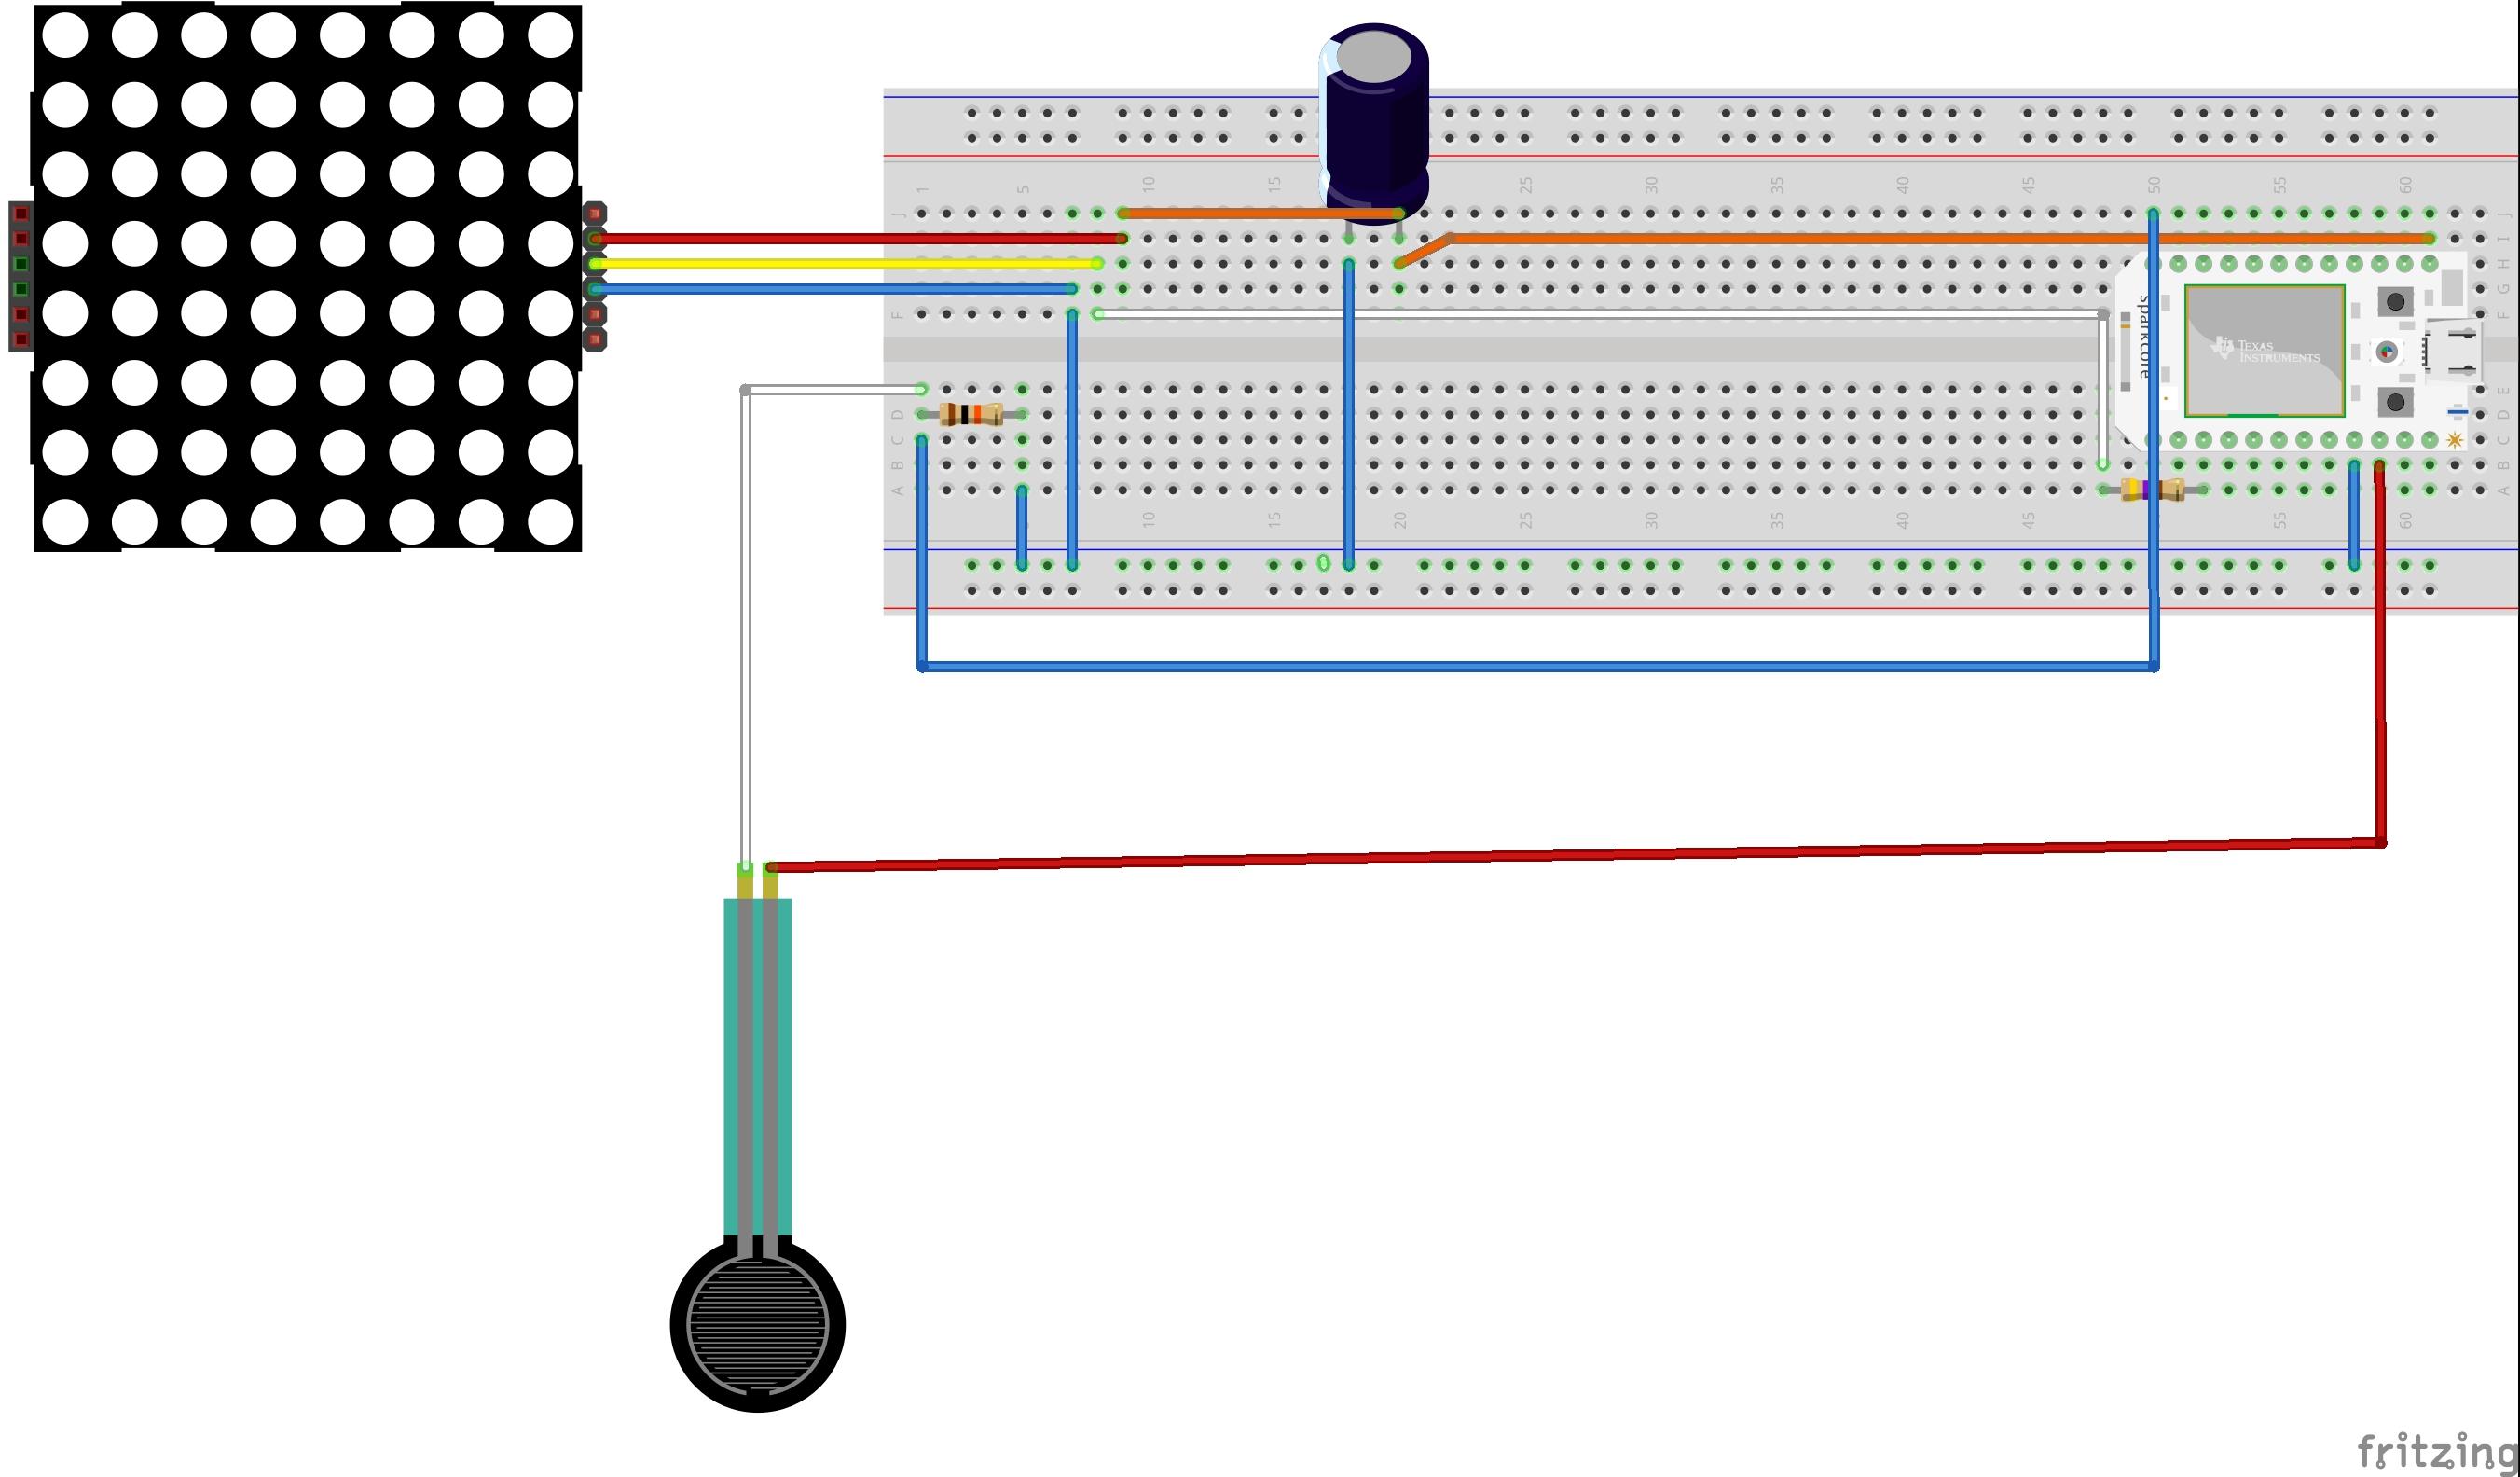 Force sensor and rgb leds bb